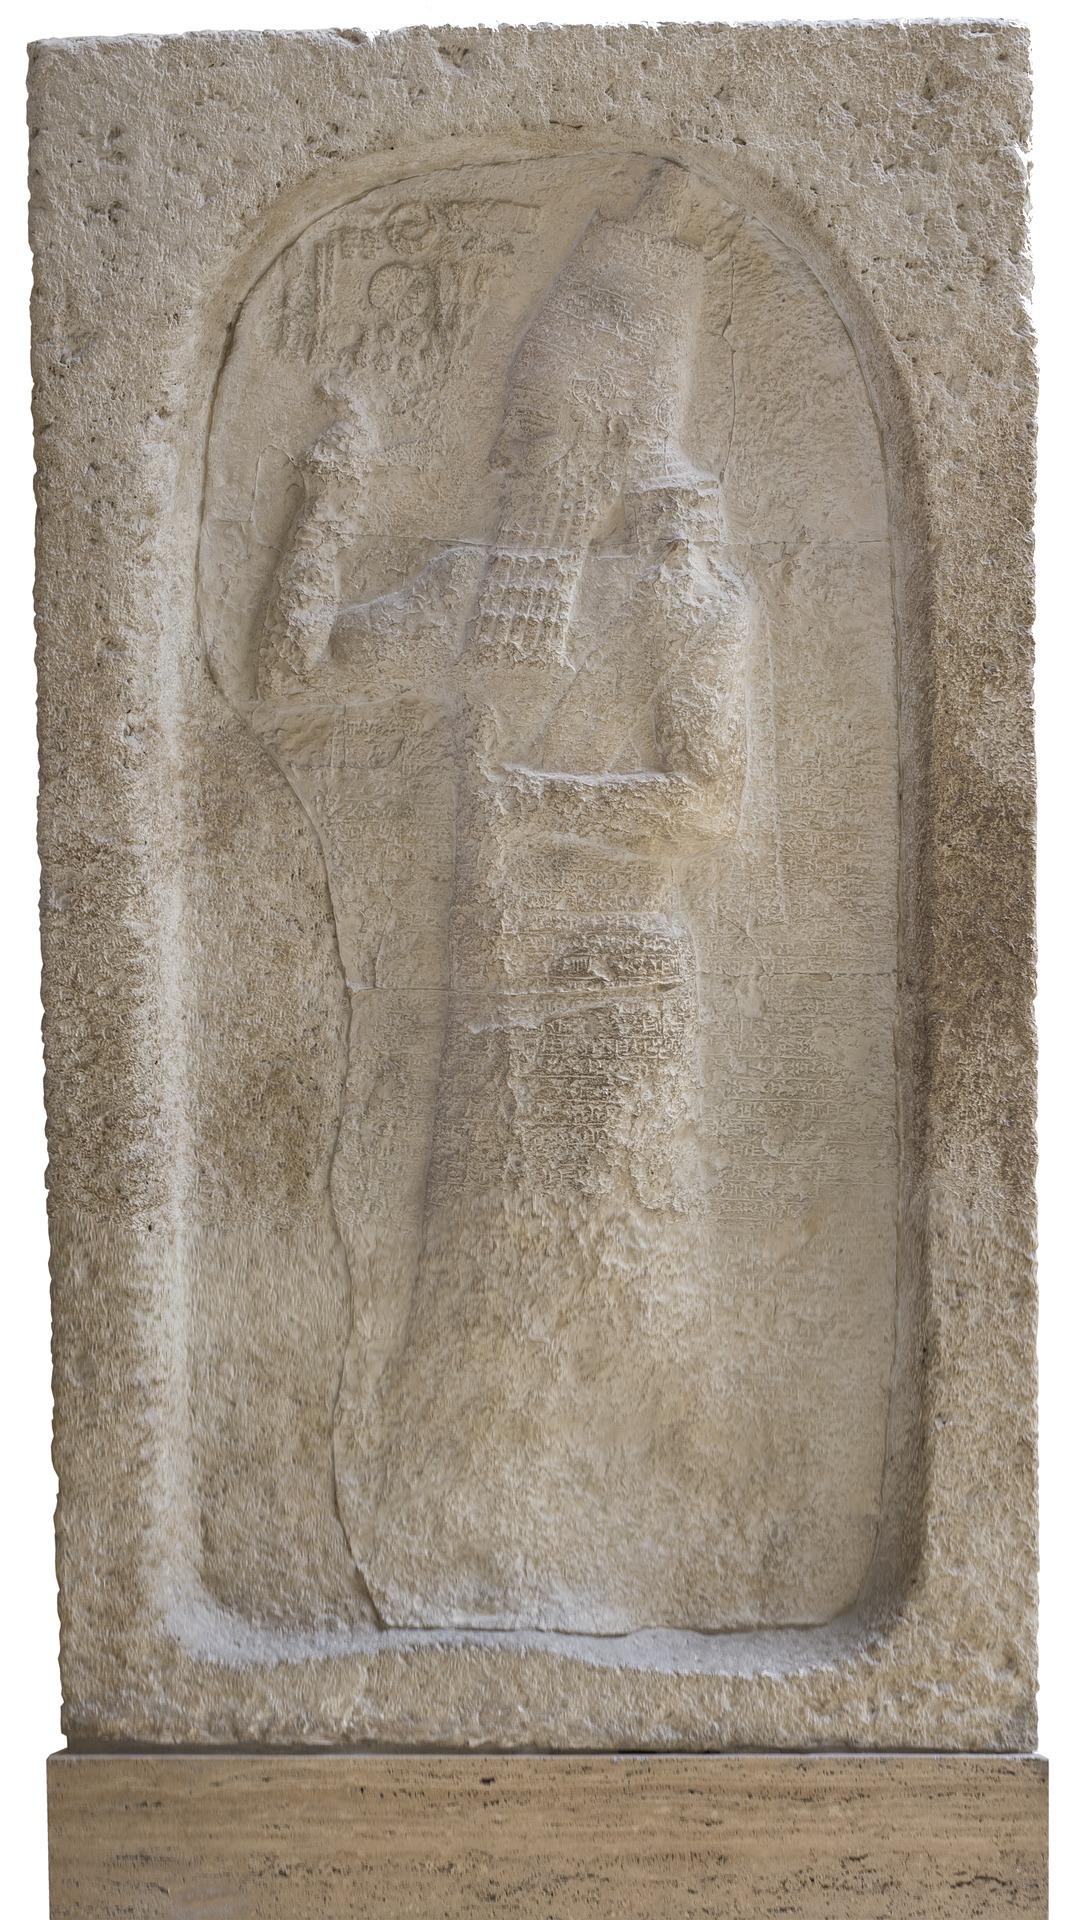 assarhadon-1475784_1920 (1)